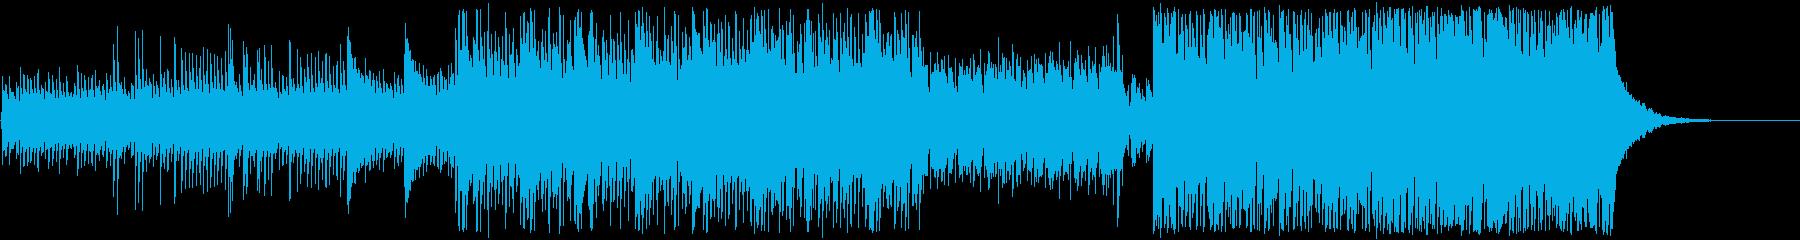 津軽三味線とダブステップの再生済みの波形